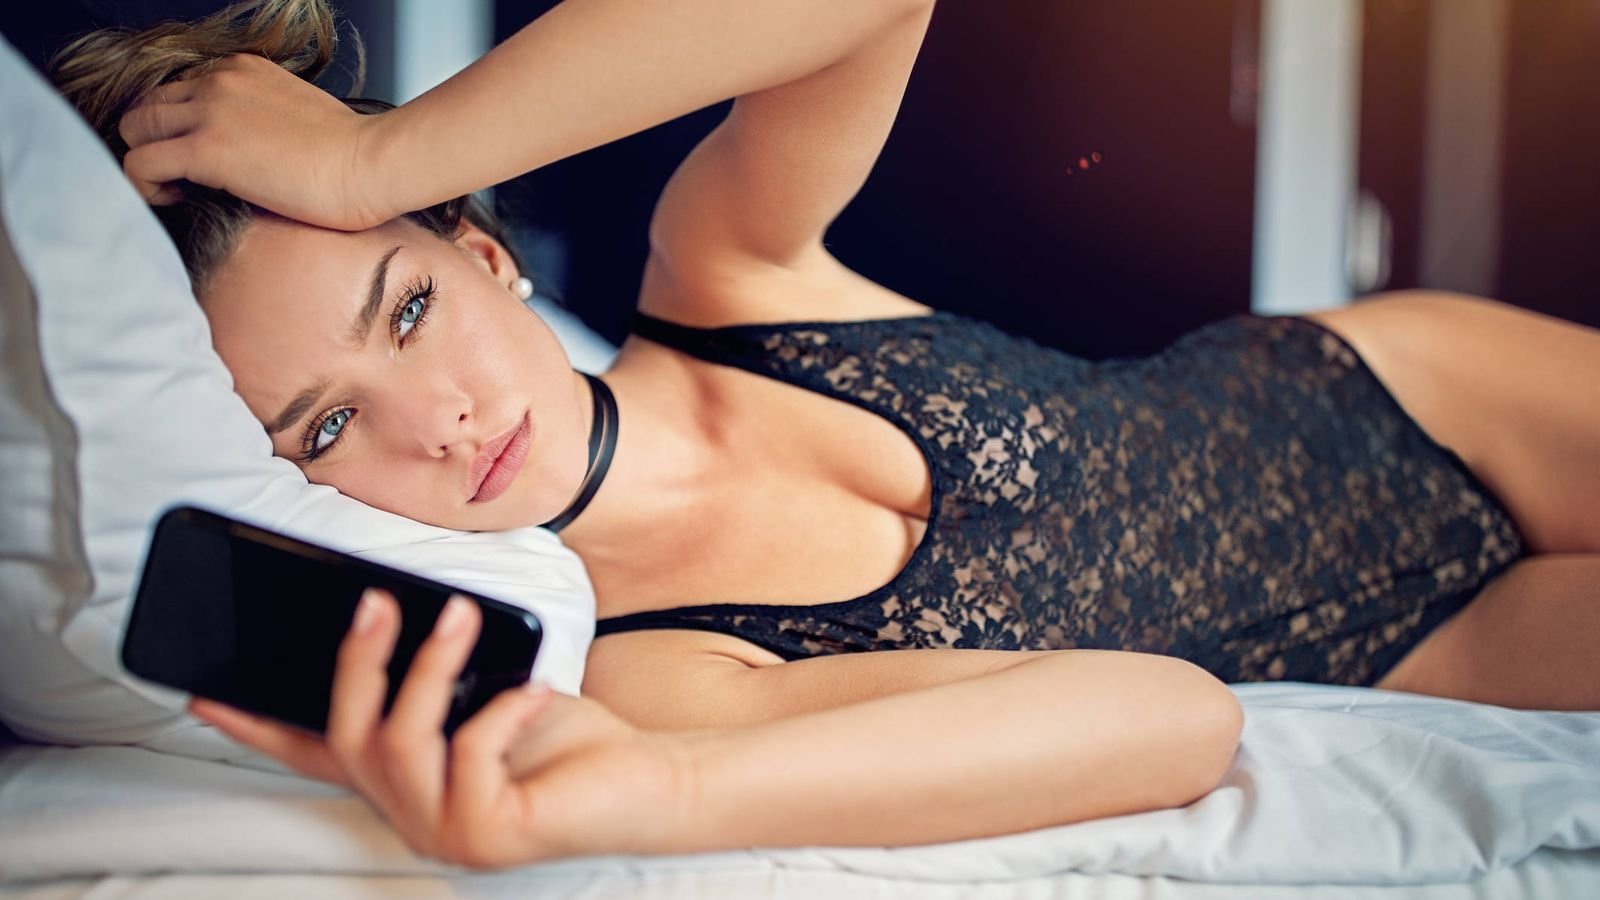 69 Estudios Porno.com sexo: lo que más me excita: este es el porno que les gusta a